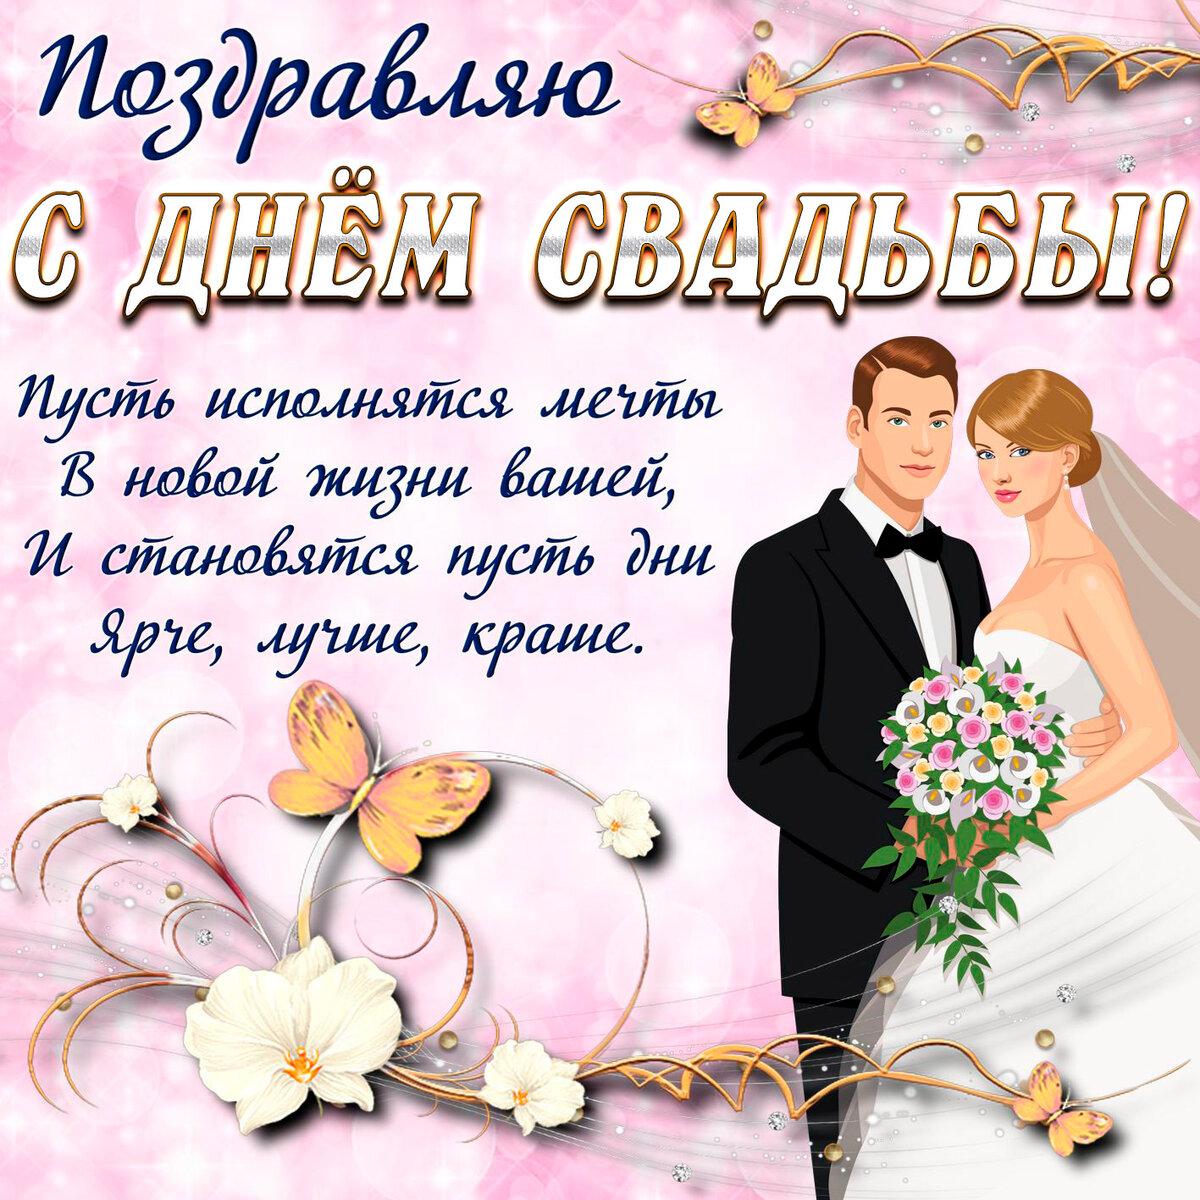 Картинки поздравление на свадьбу